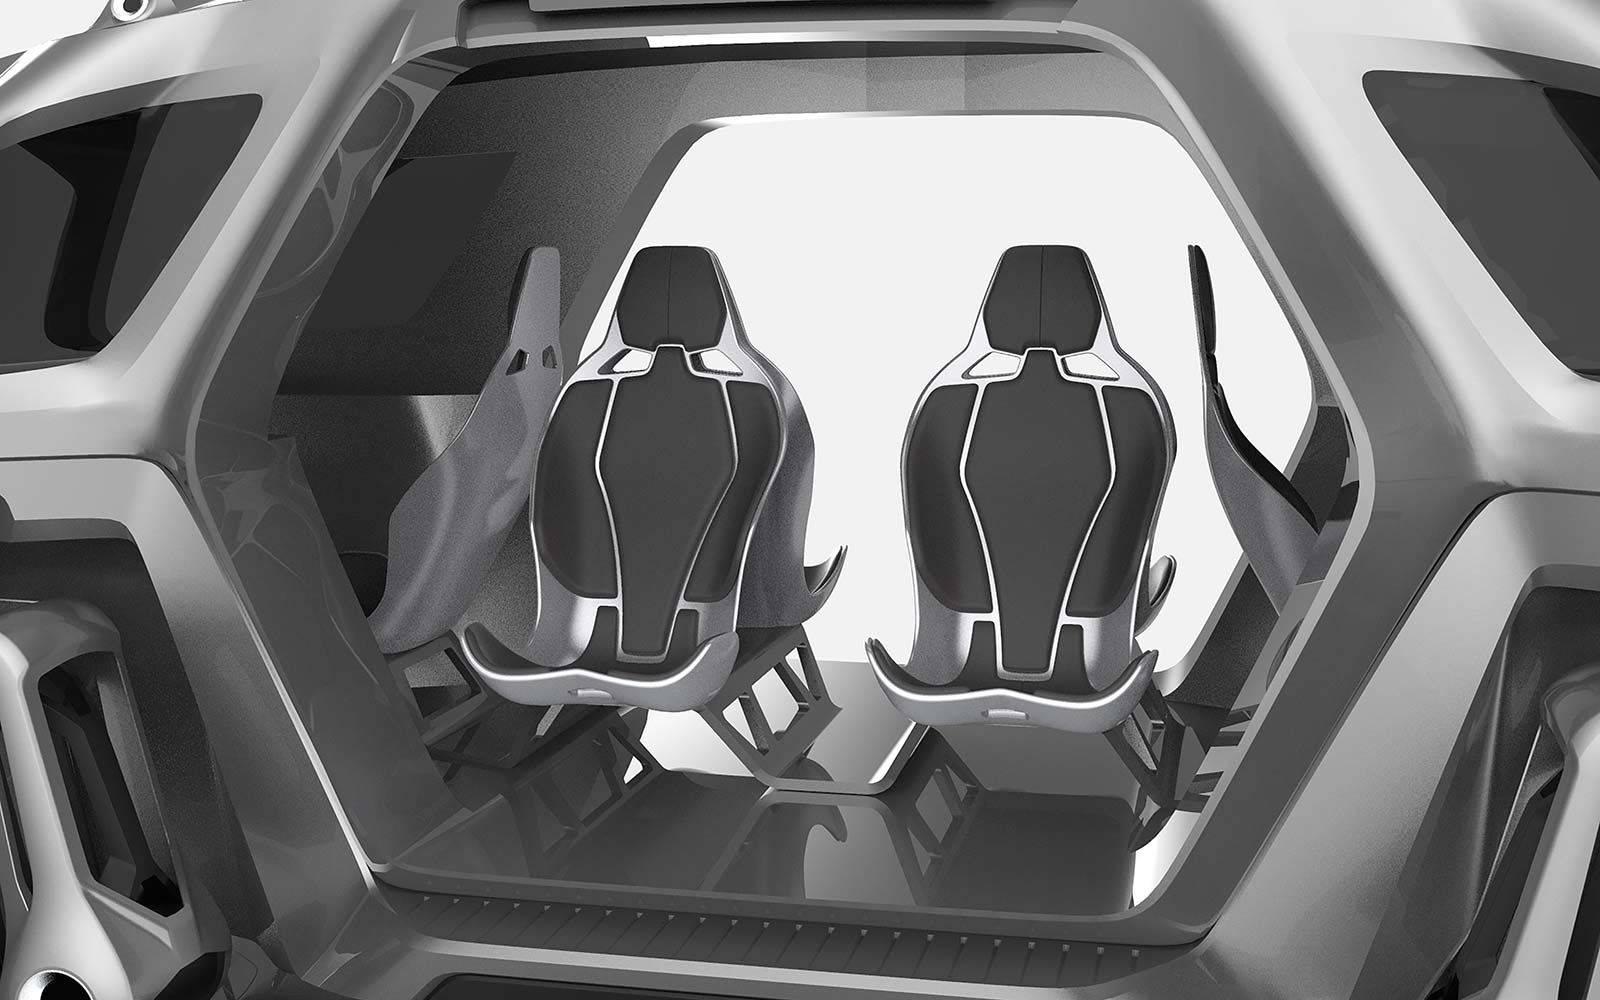 Nezaustavljivi Hyundai: Njihov auto s nogama ide gdje poželi